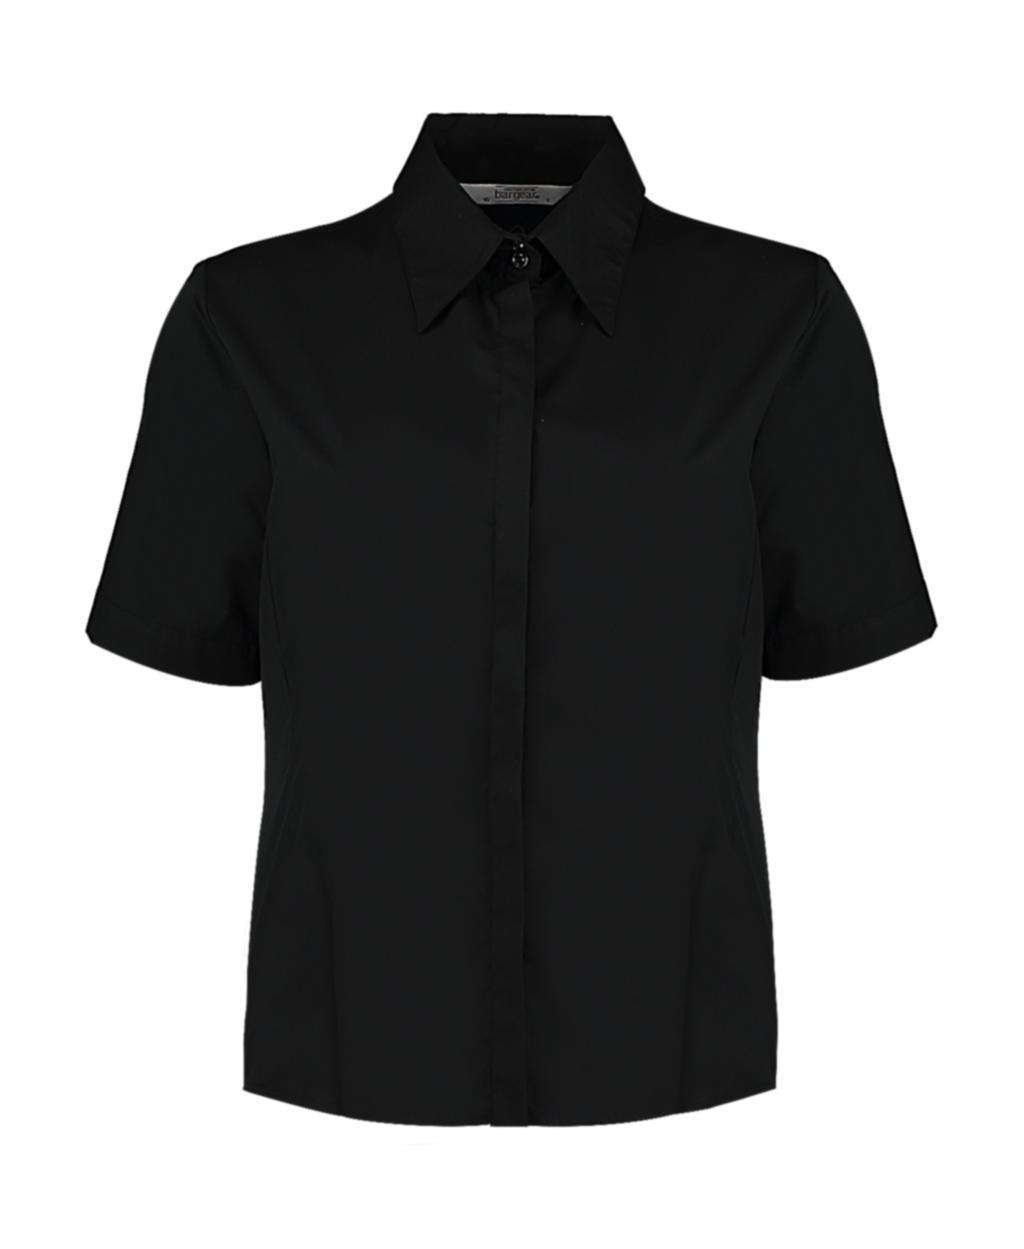 Dámská košile Tailored fit s kr. rukávem  P/  - zvìtšit obrázek